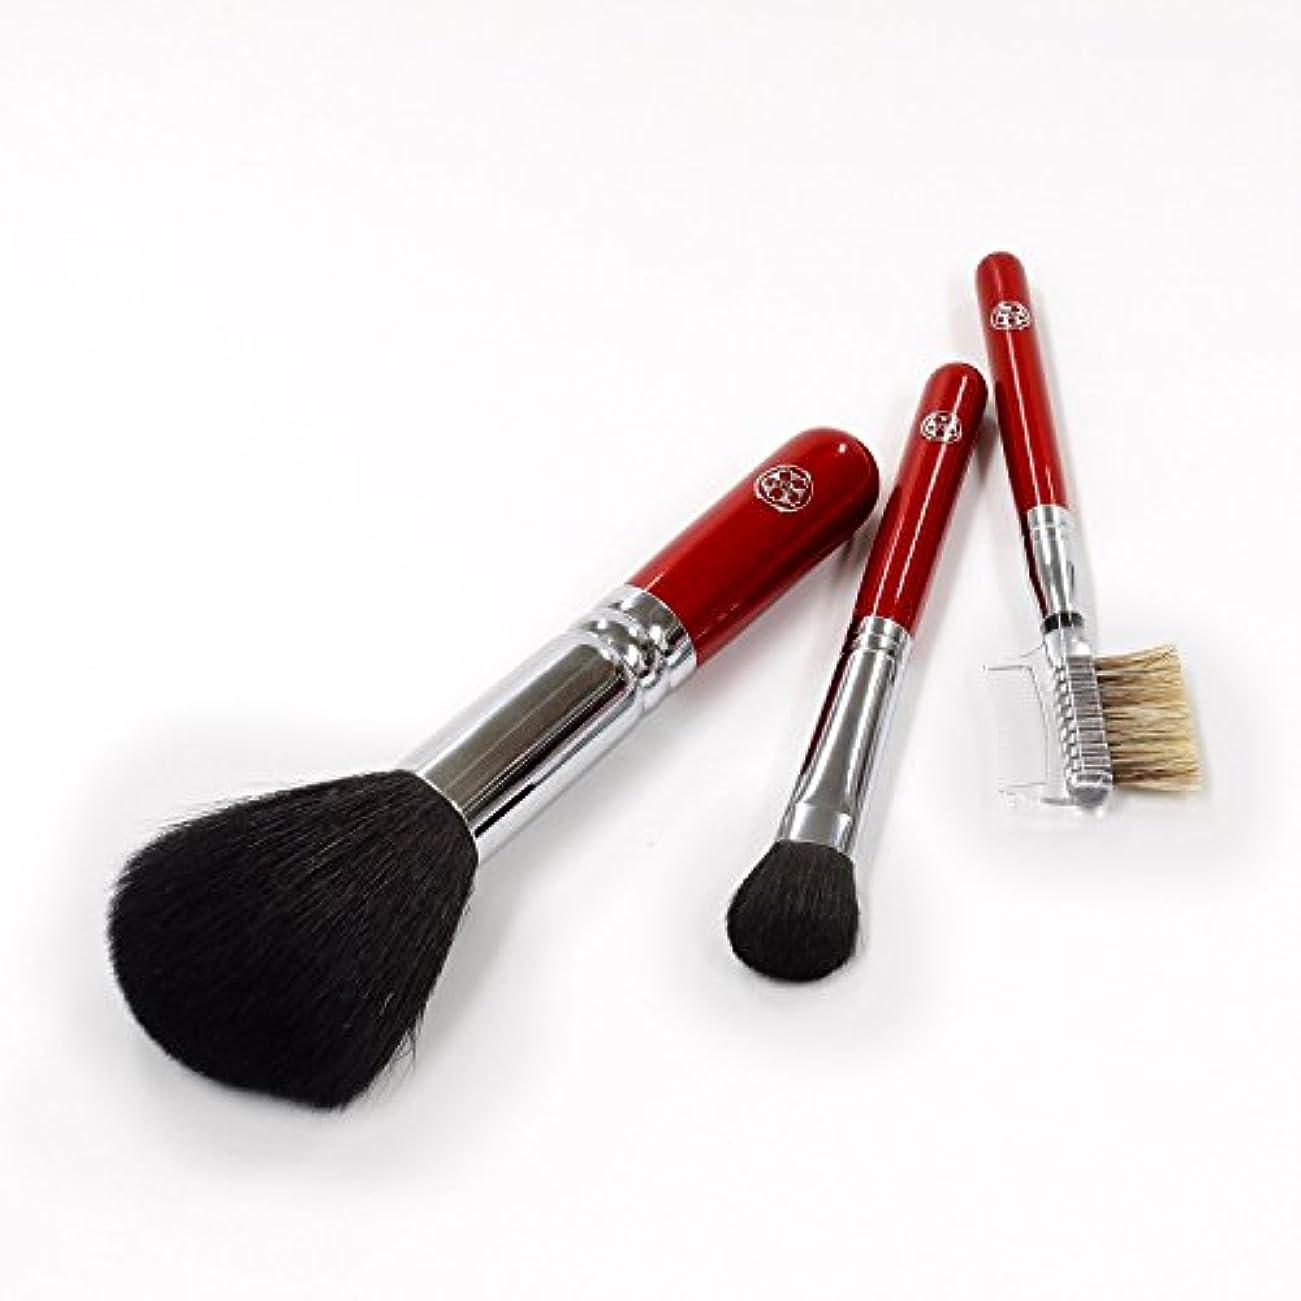 手数料学んだ目的ARRS-S3さくら筆 まずはこの3本から 基本の化粧筆 3本セット パウダー アイシャドー ブラシ&コーム 六角館さくら堂 ロゴ入り 女性の手になじみやすい赤軸ショートタイプ 熊野筆